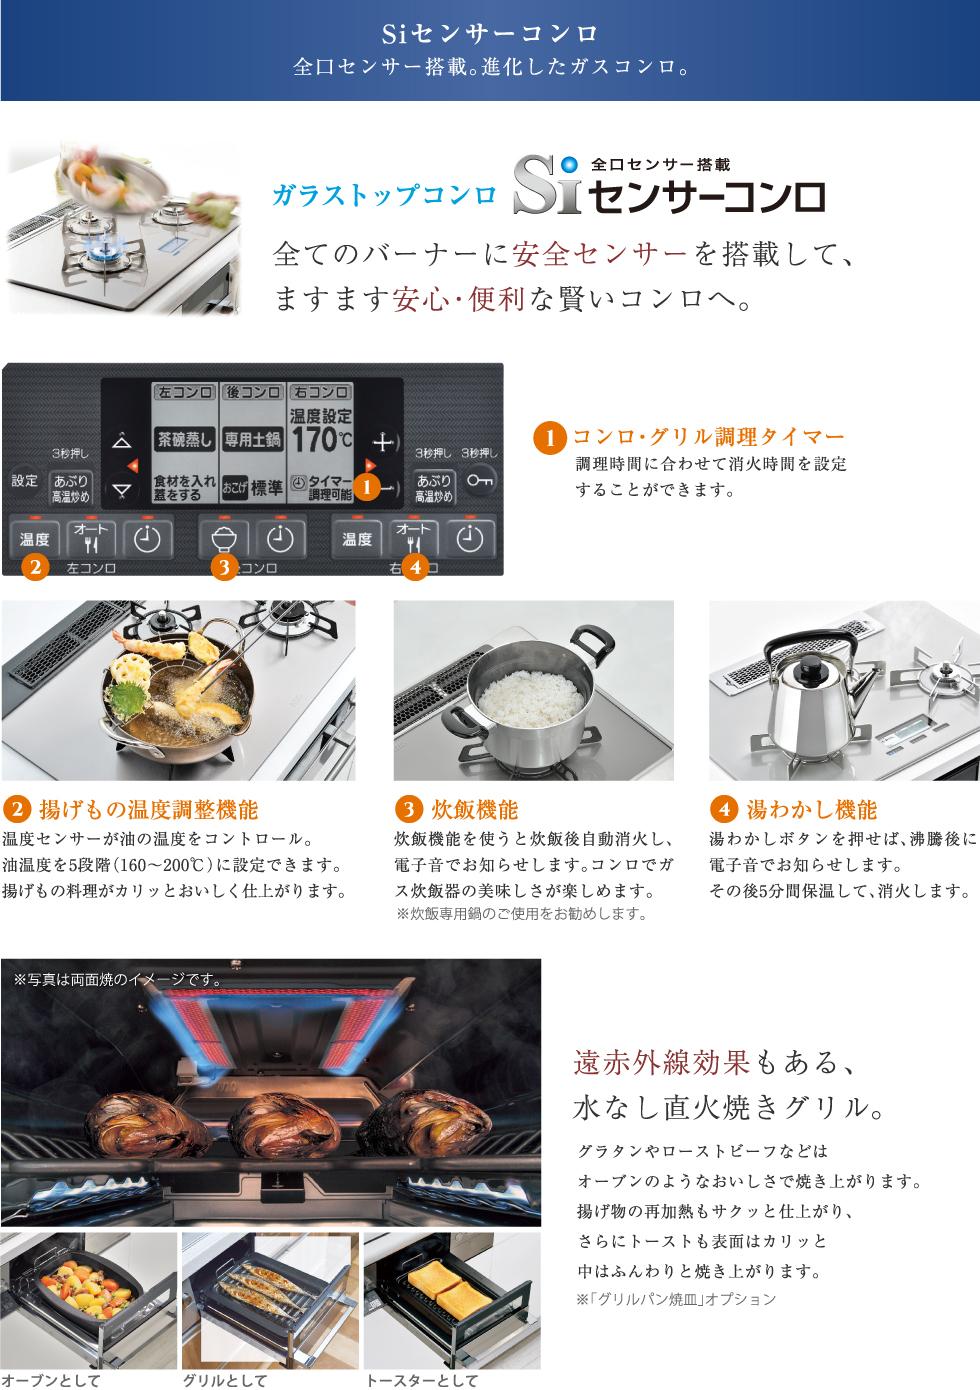 ガス | Takara standardのSiセンサーコンロ